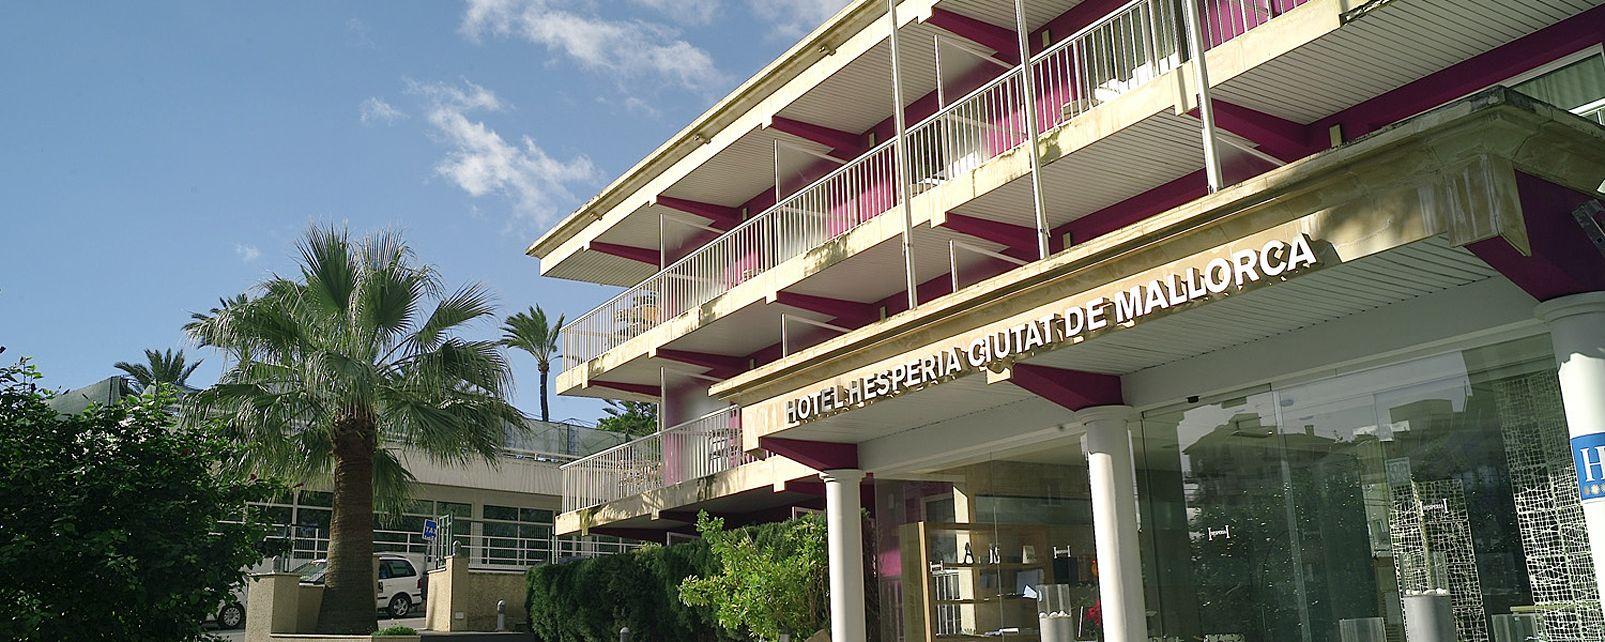 Hôtel Hesperia Ciutat de Mallorca